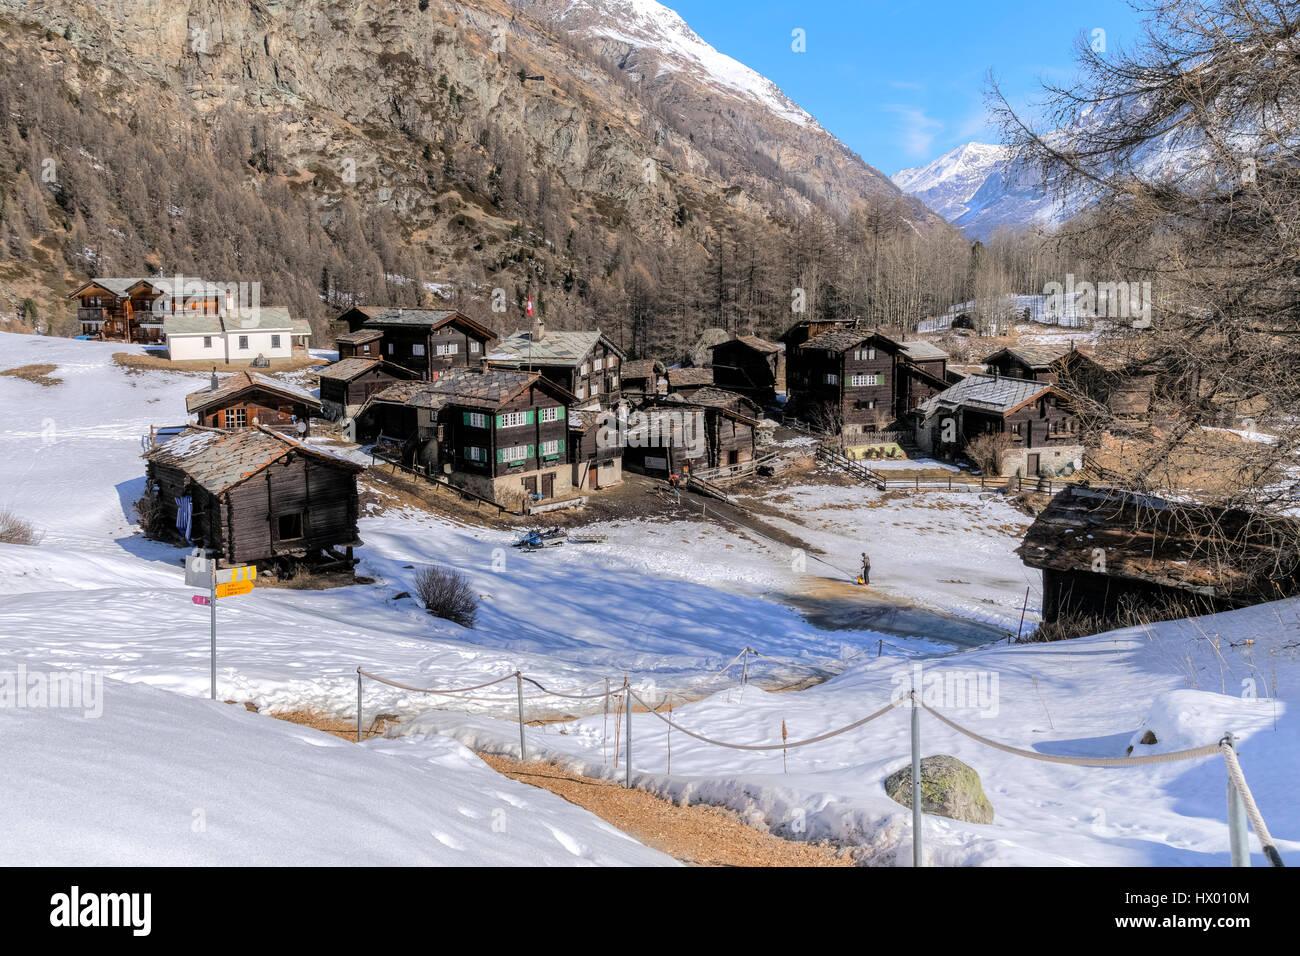 Zum See, Zermatt, Valais, Switzerland, Europe - Stock Image